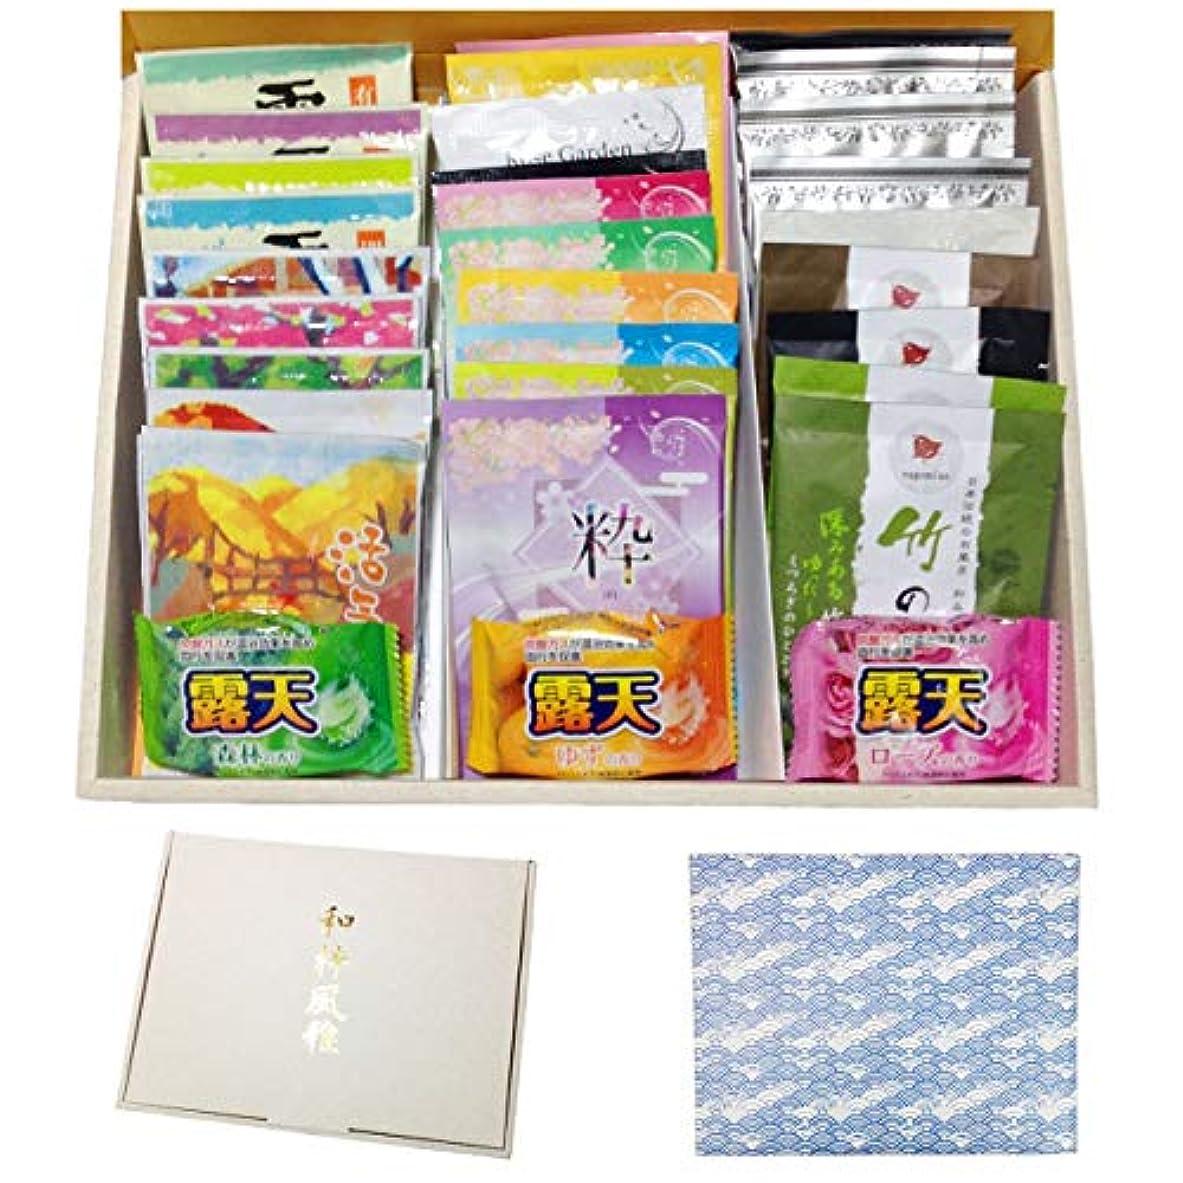 時間返還炎上入浴剤 ギフト セット 日本製 温泉 炭酸 つめあわせ バスギフト プレゼント 30種類/50種類 (30個30種類)